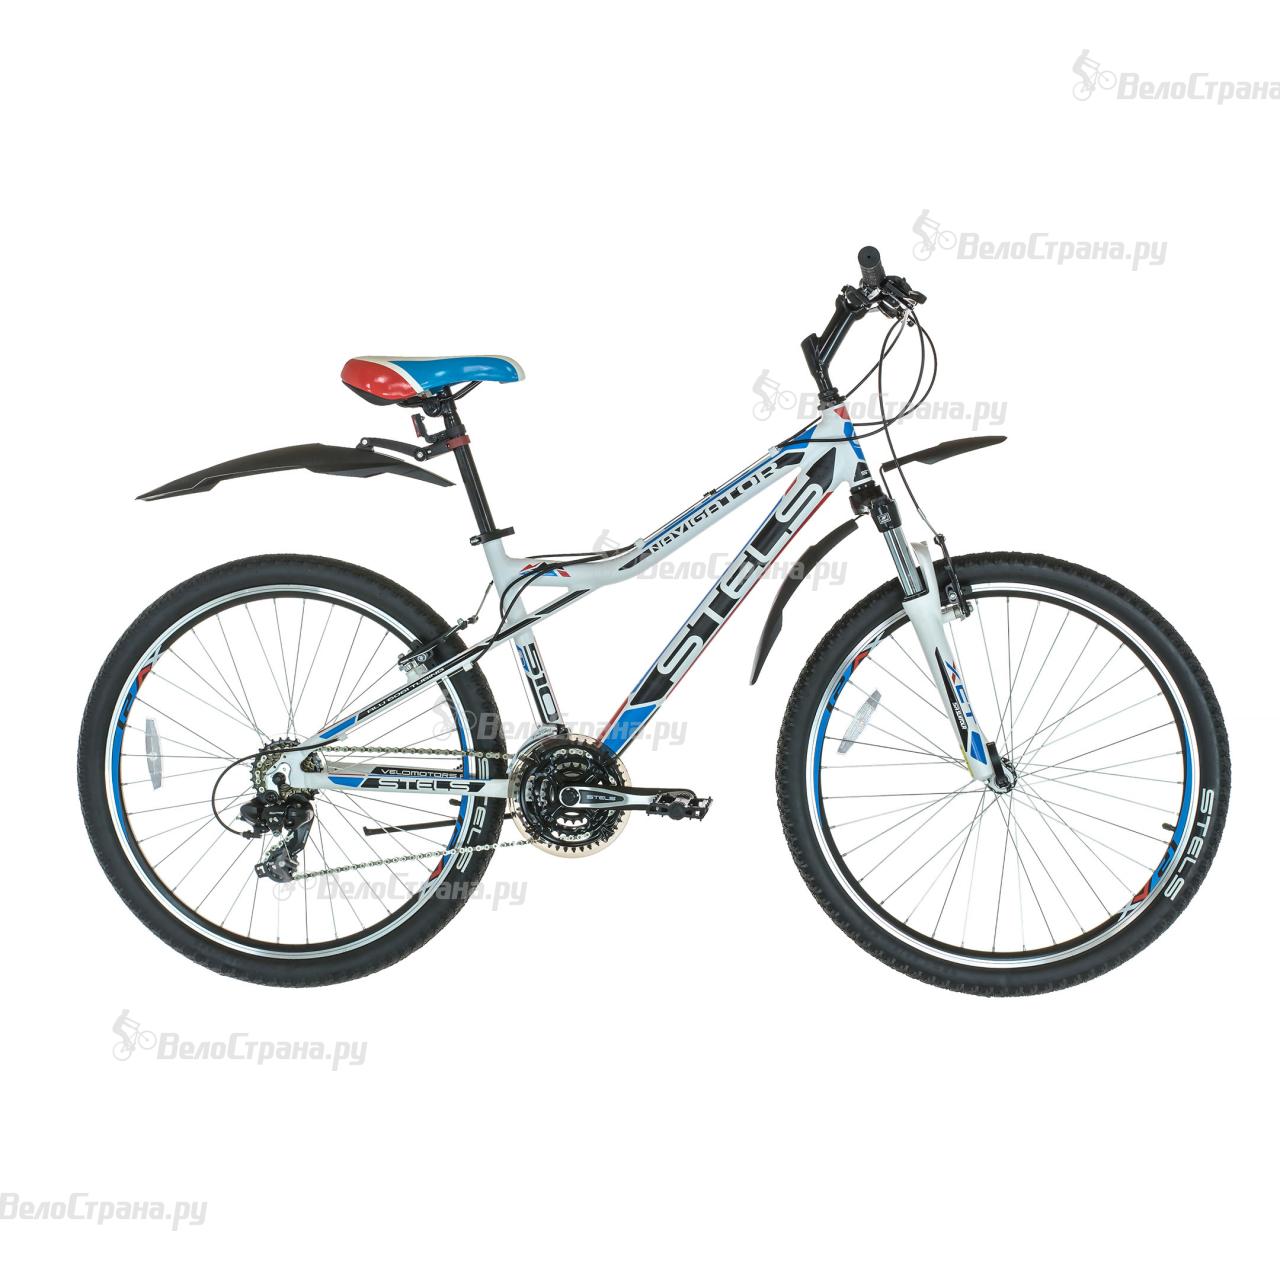 Велосипед Stels Navigator 510 V V010 (2018)